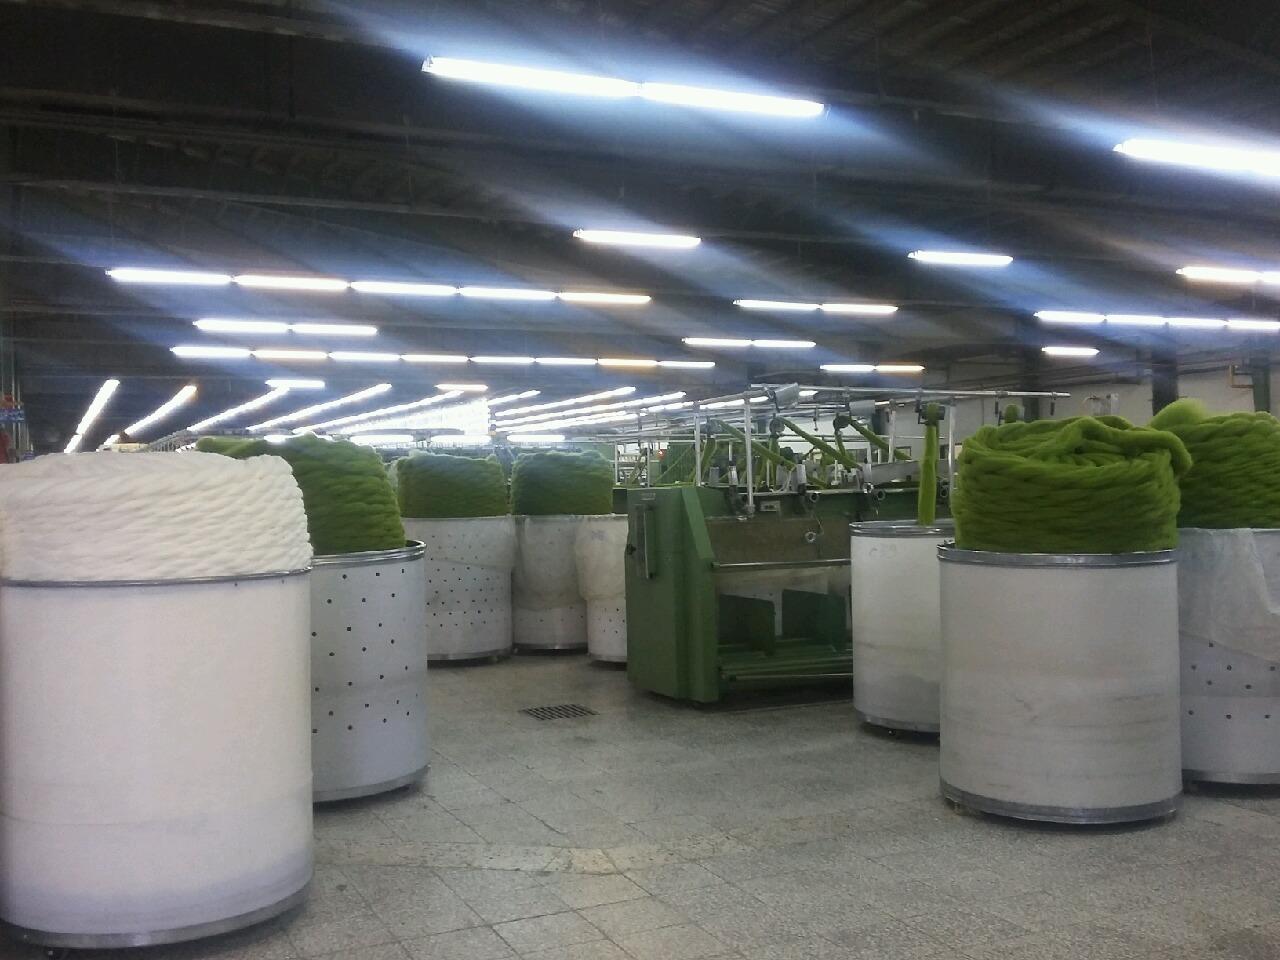 کارخانه تولیدی مشهد نخ با تغییر ساختار تولید، دوباره فعال شد